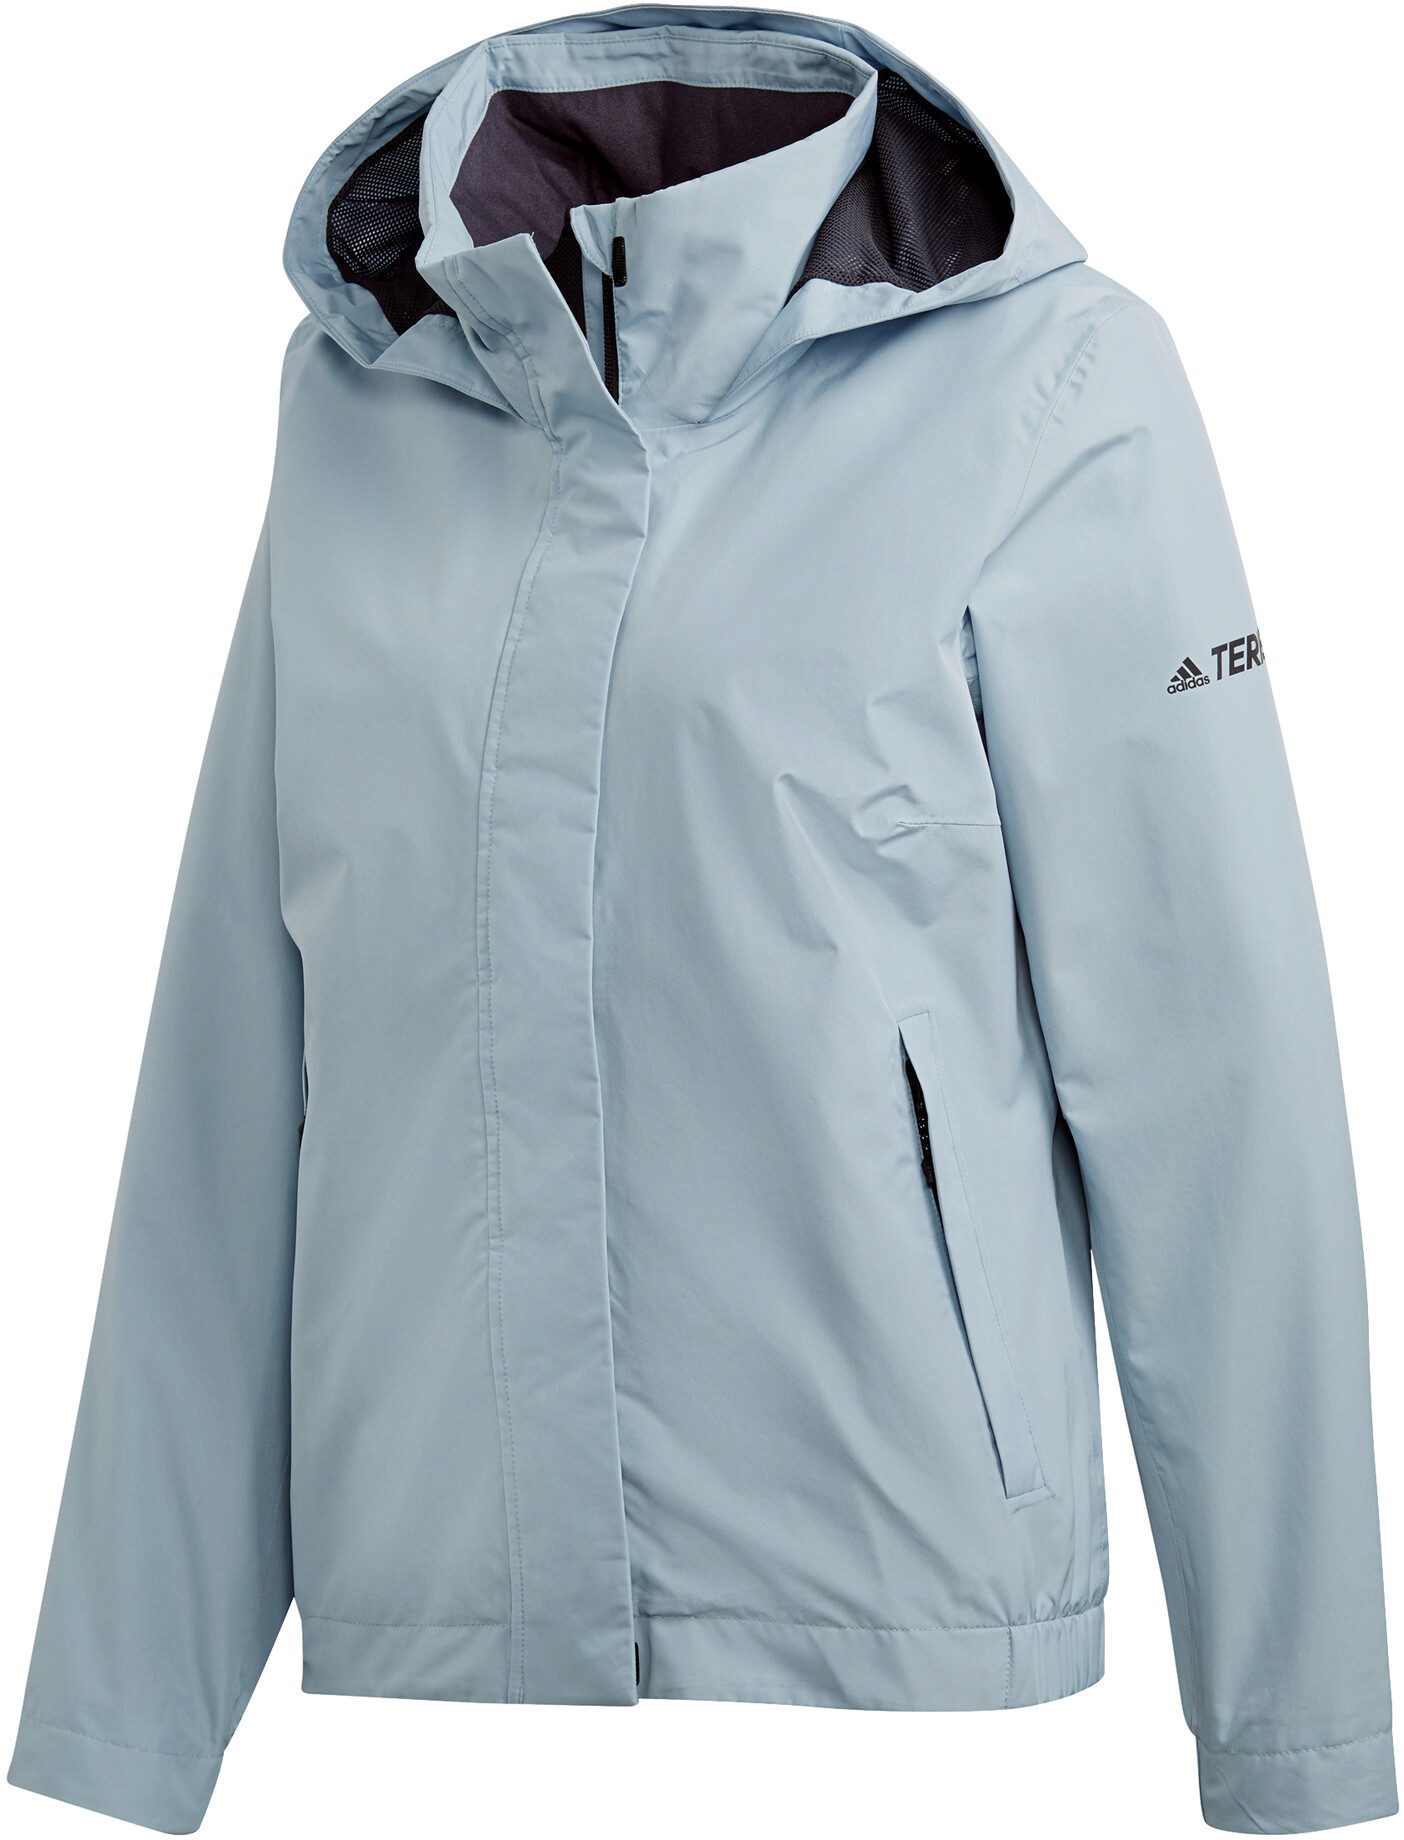 d6188b2f1b0 adidas TERREX AX Jas Dames blauw l Online outdoor shop Campz.nl